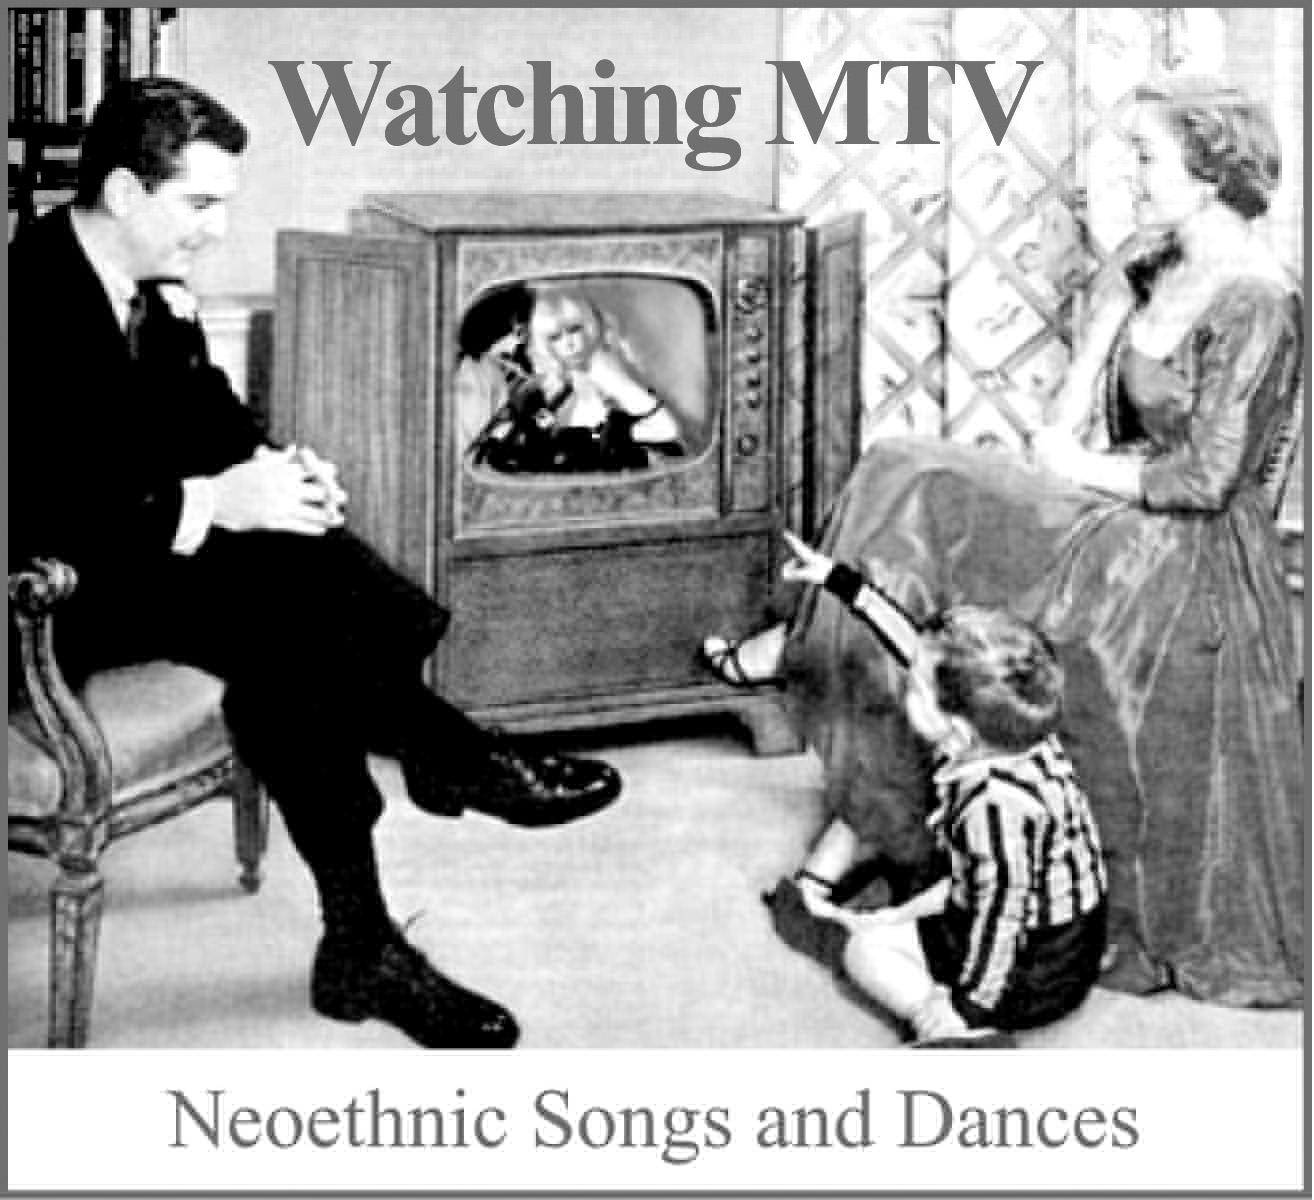 WatchingMTV.jpg